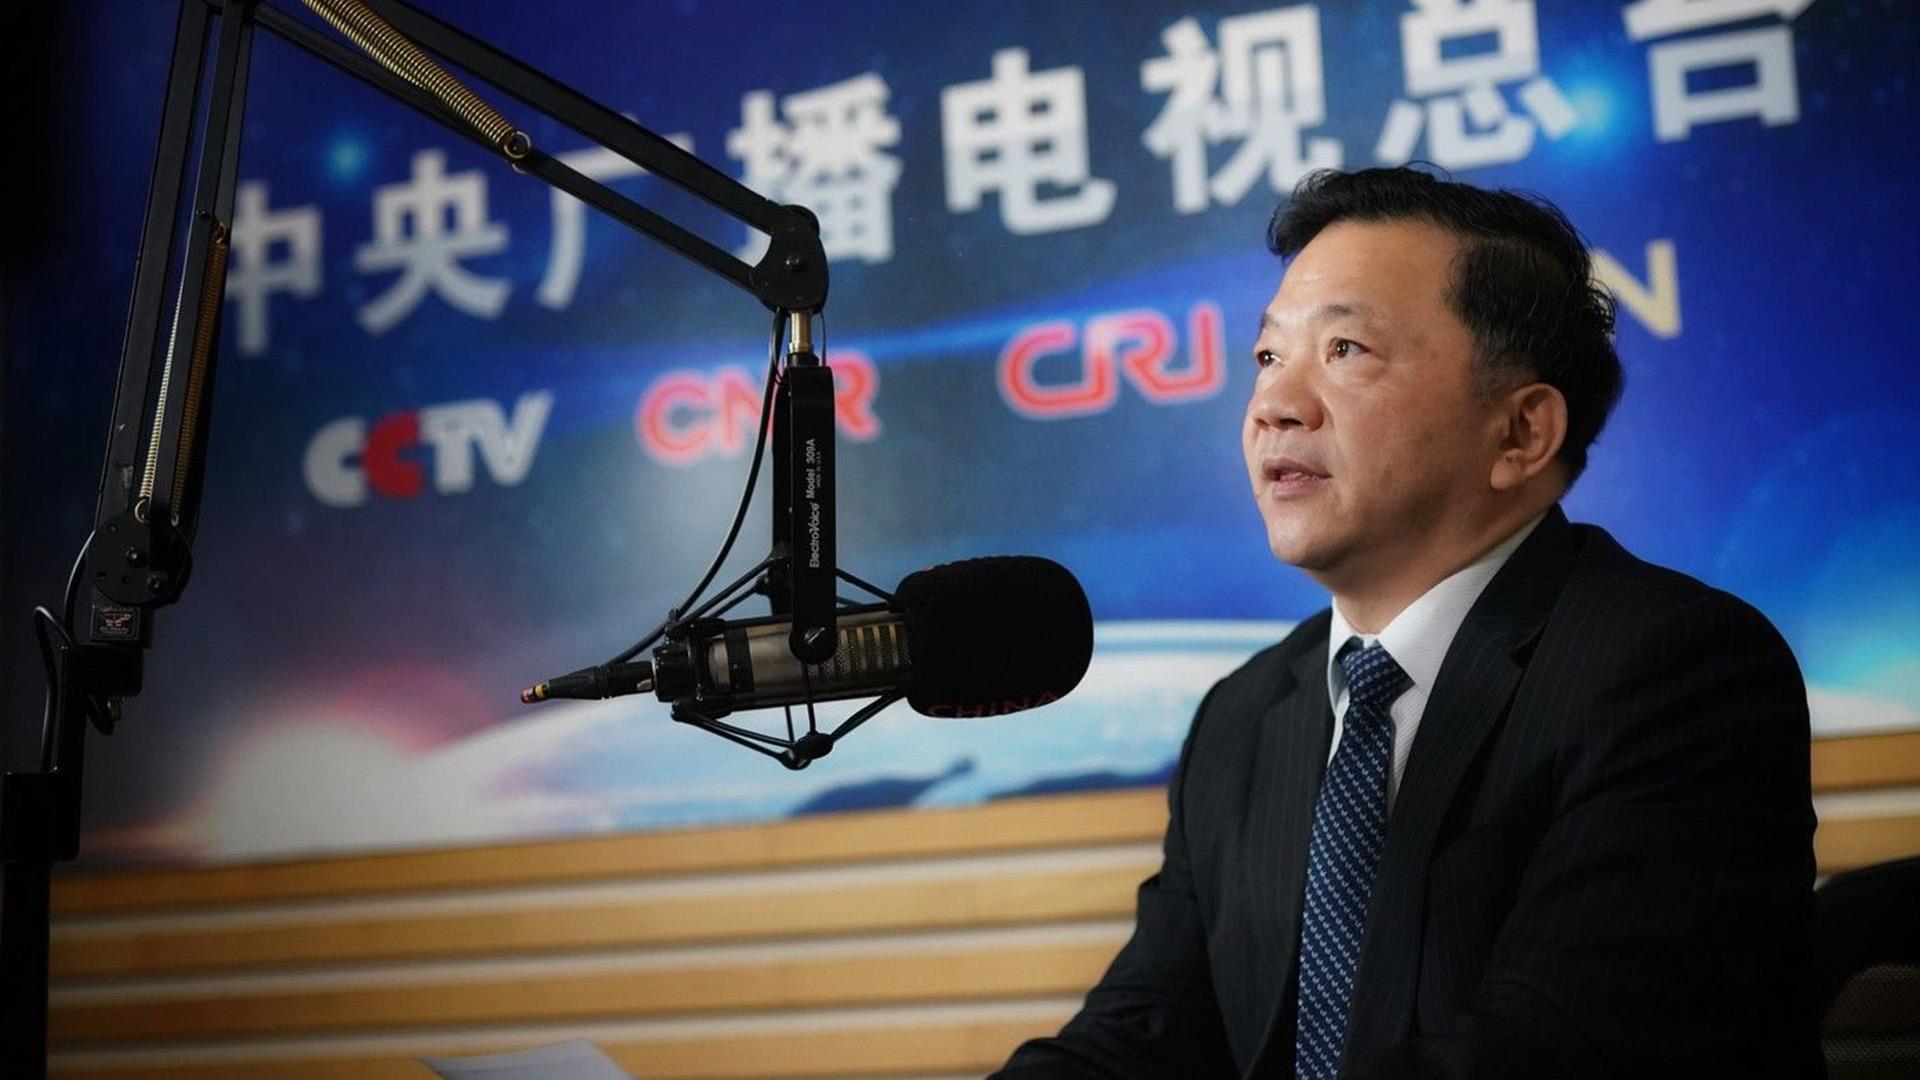 Опубликовано новогоднее обращение президента CMG Шэня Хайсюна